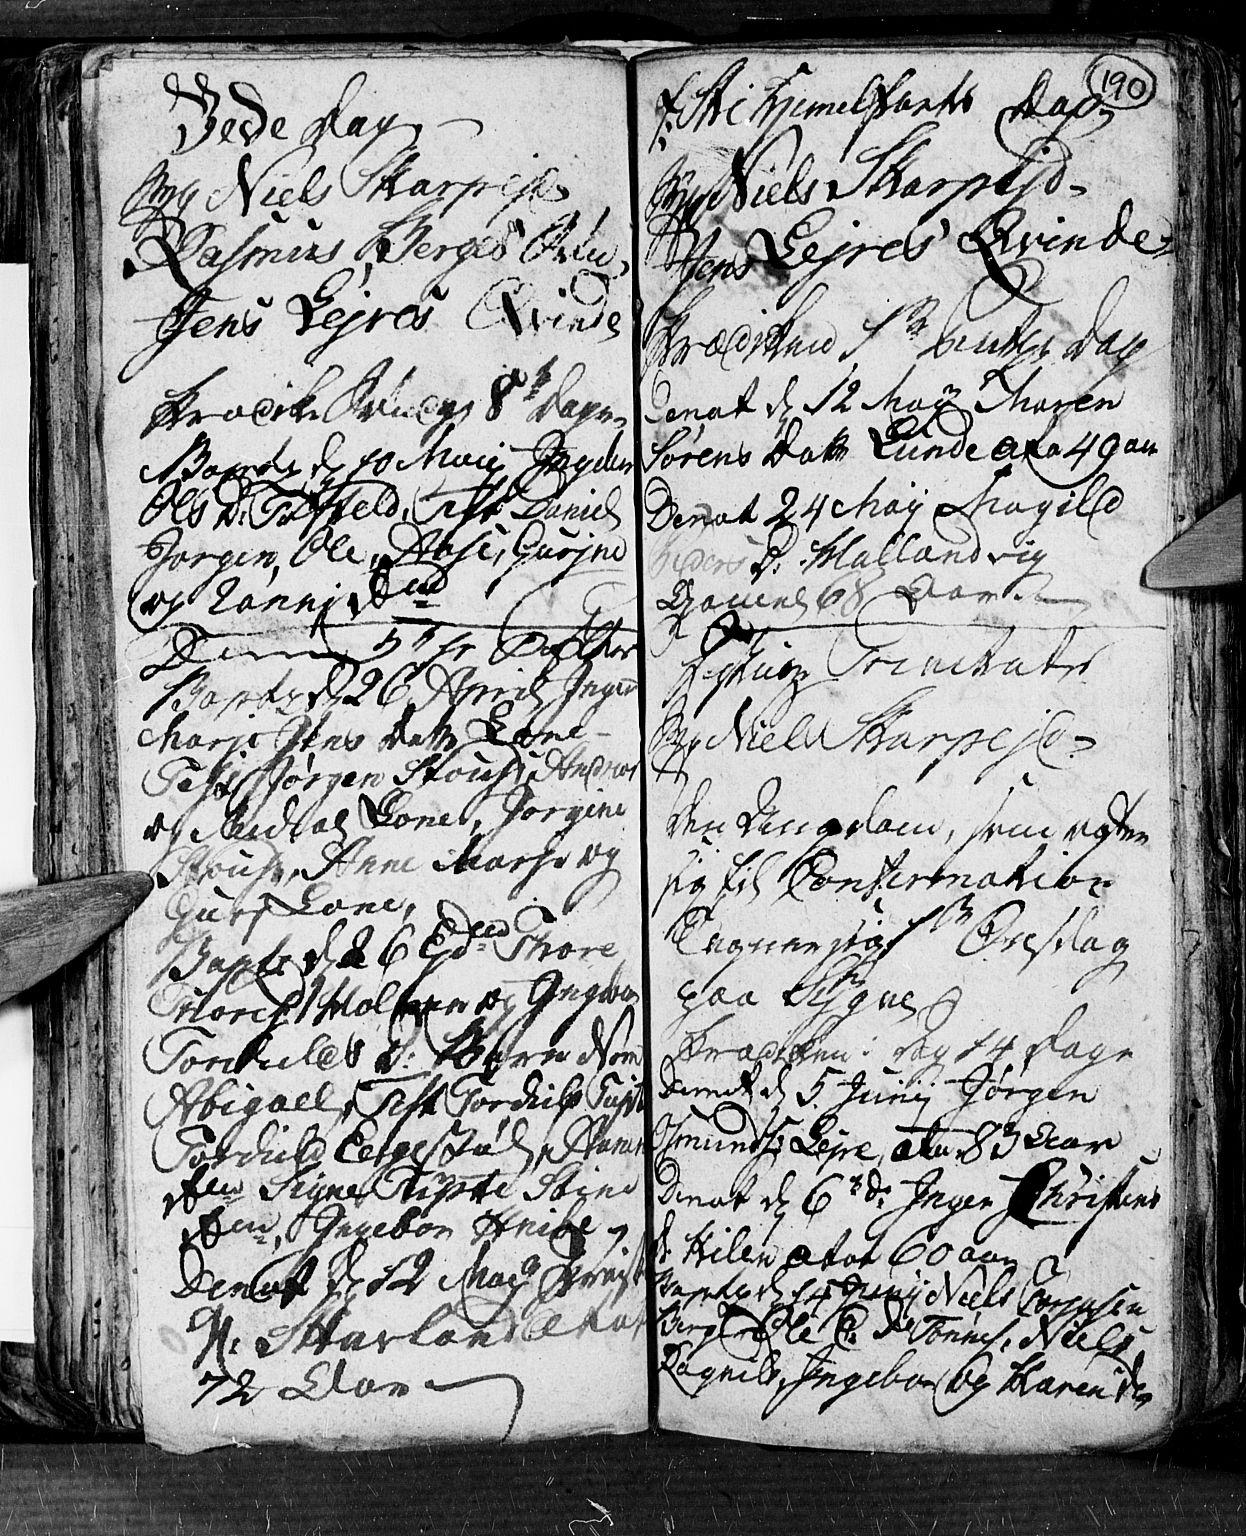 SAK, Søgne sokneprestkontor, F/Fb/Fbb/L0001: Klokkerbok nr. B 1, 1779-1802, s. 190